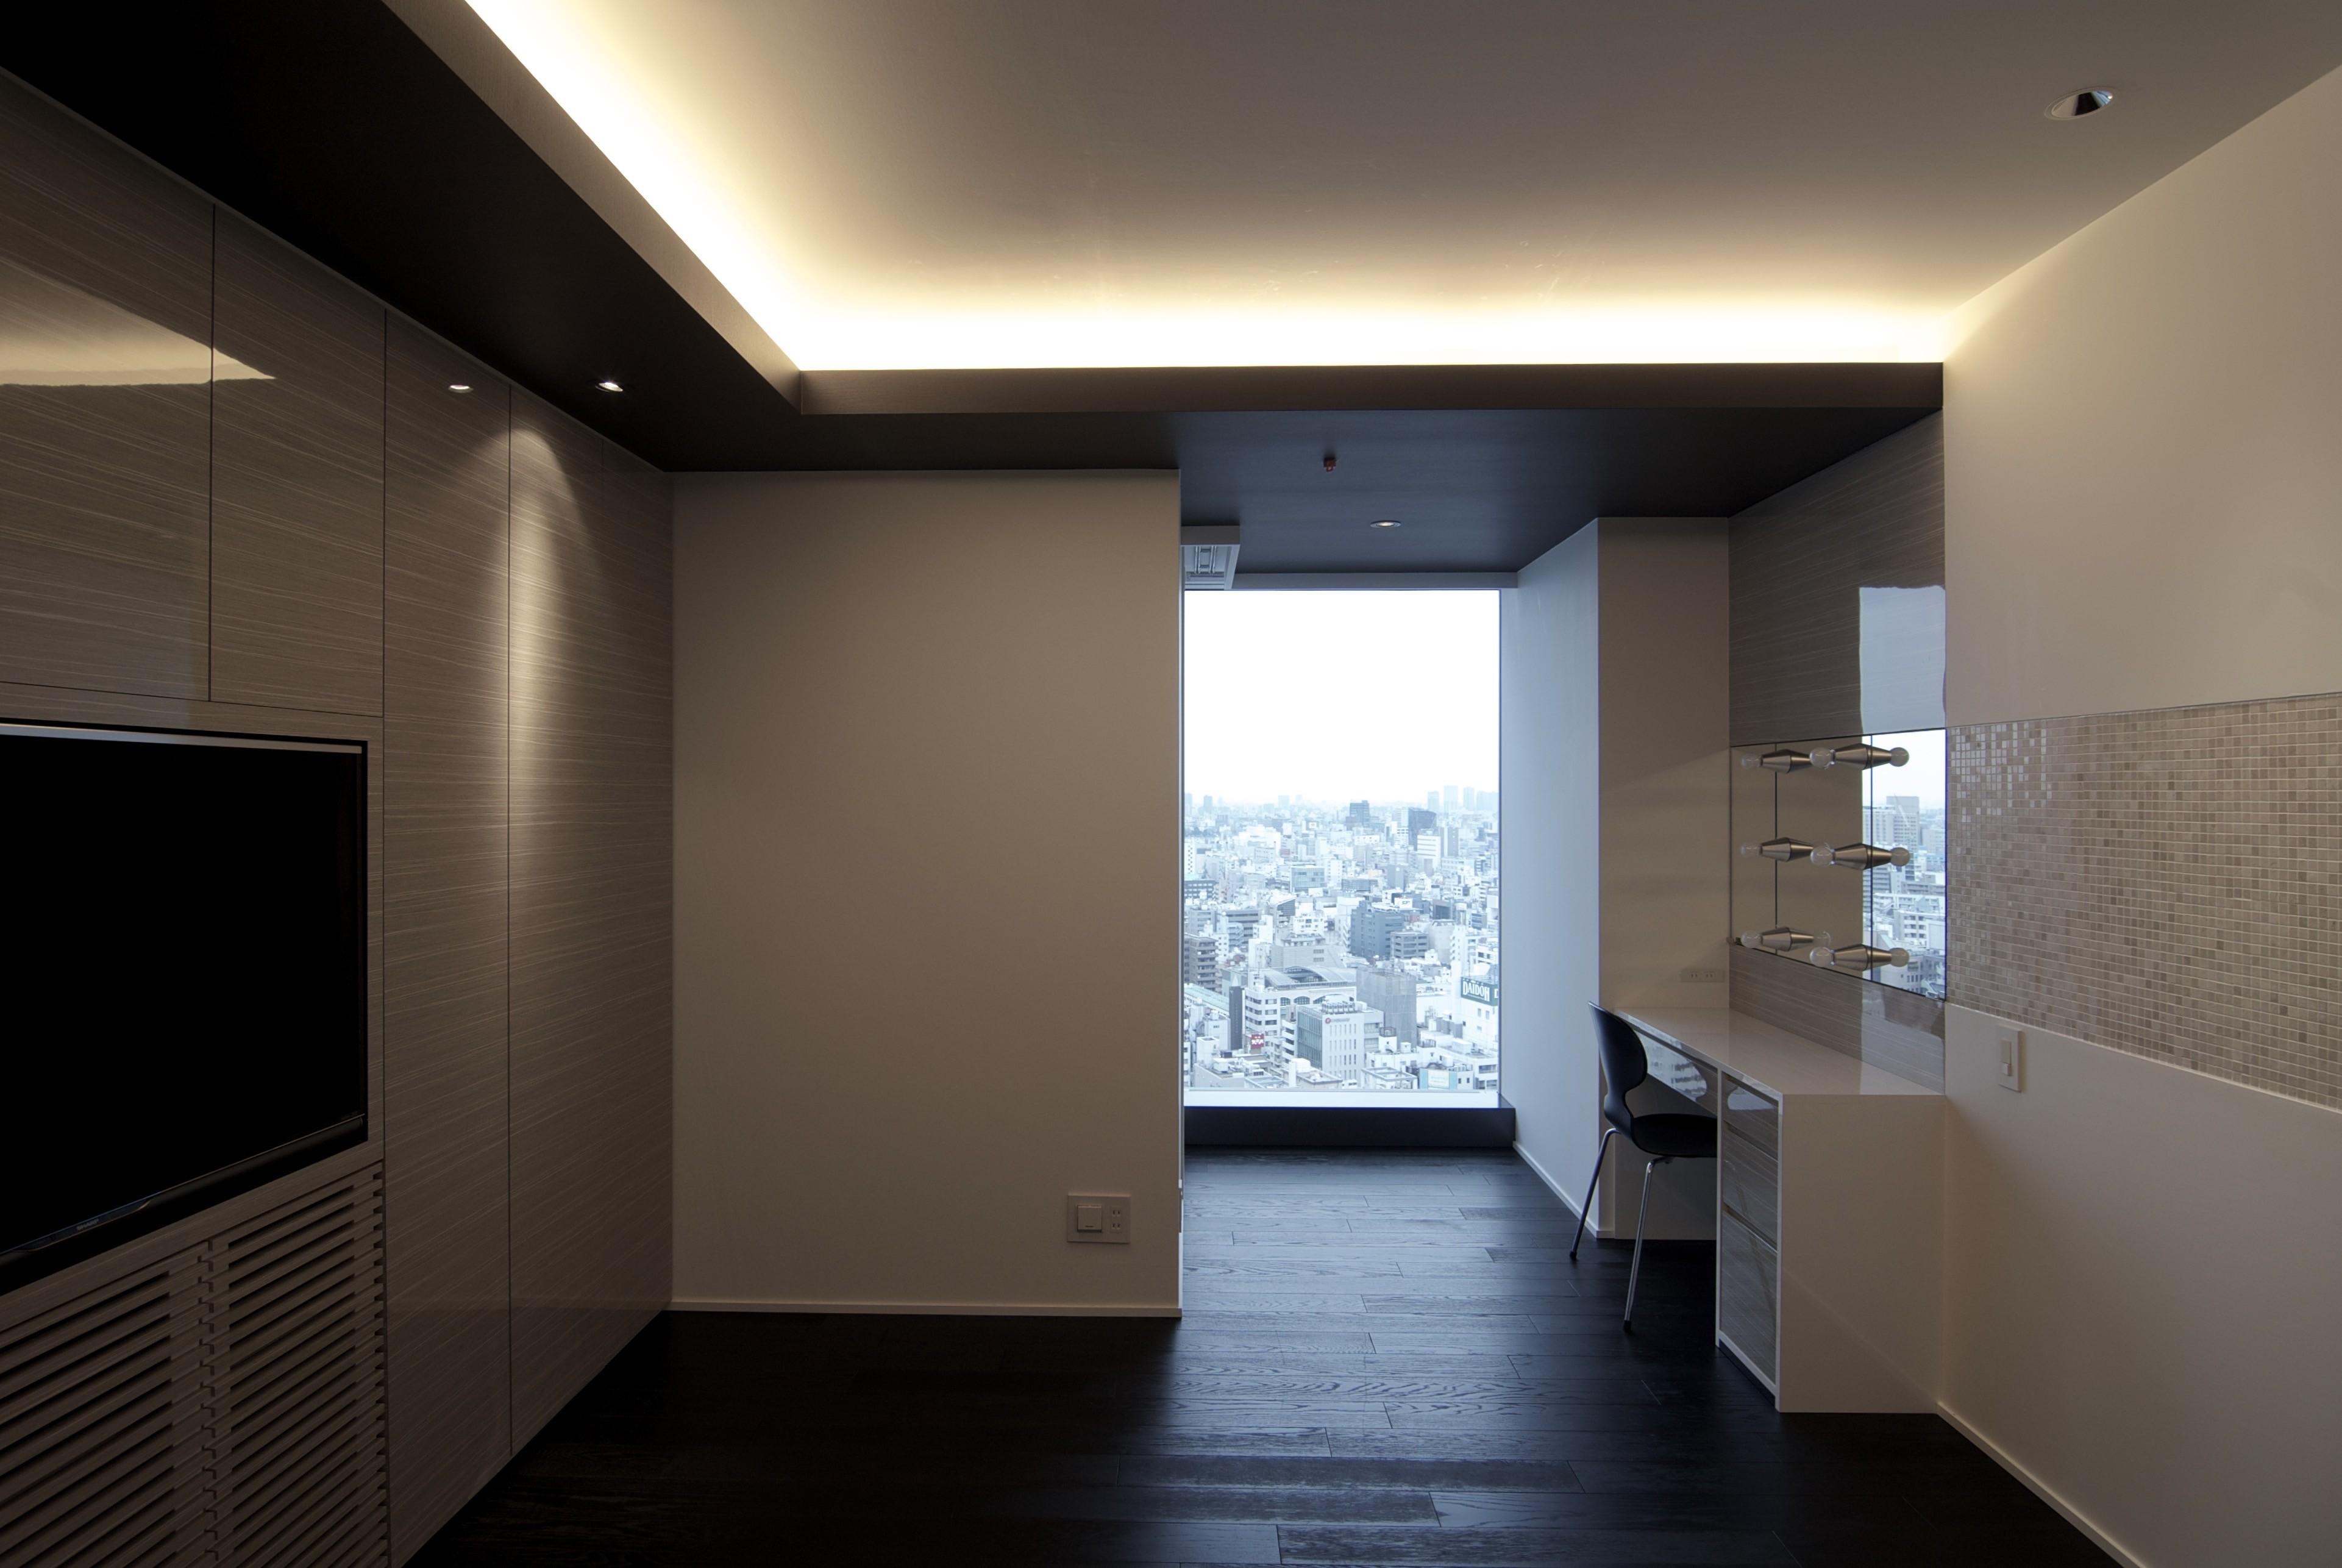 ベッドルーム事例:主寝室(高層階の眺望を楽しむ扇型リビングの家)